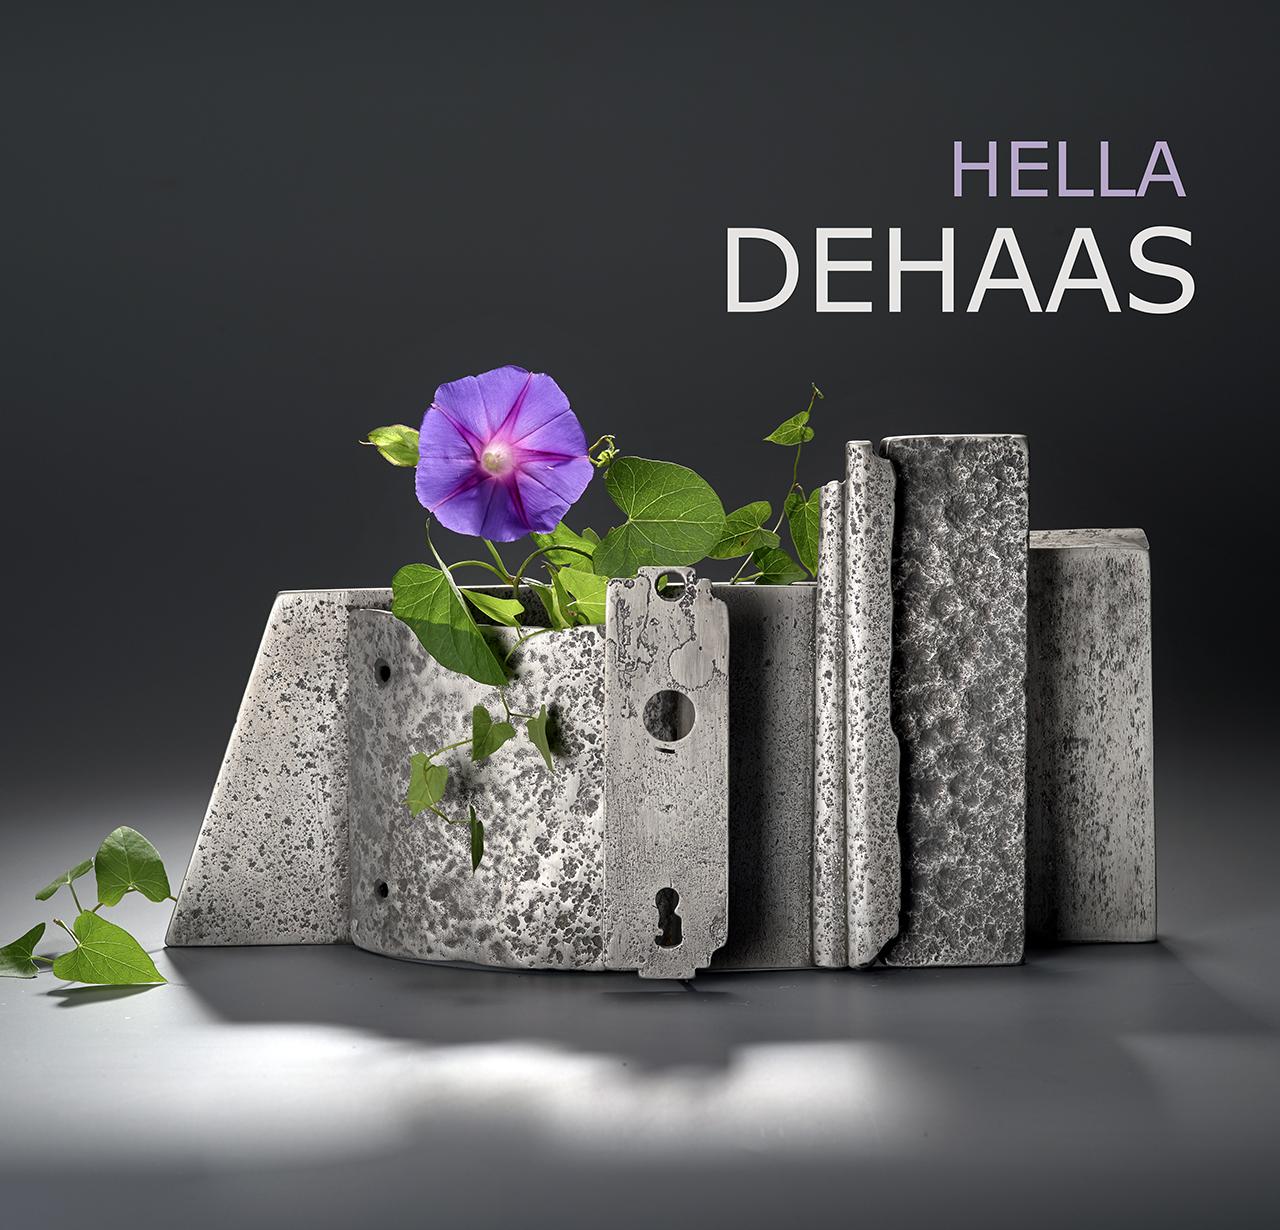 Hella Dehaas